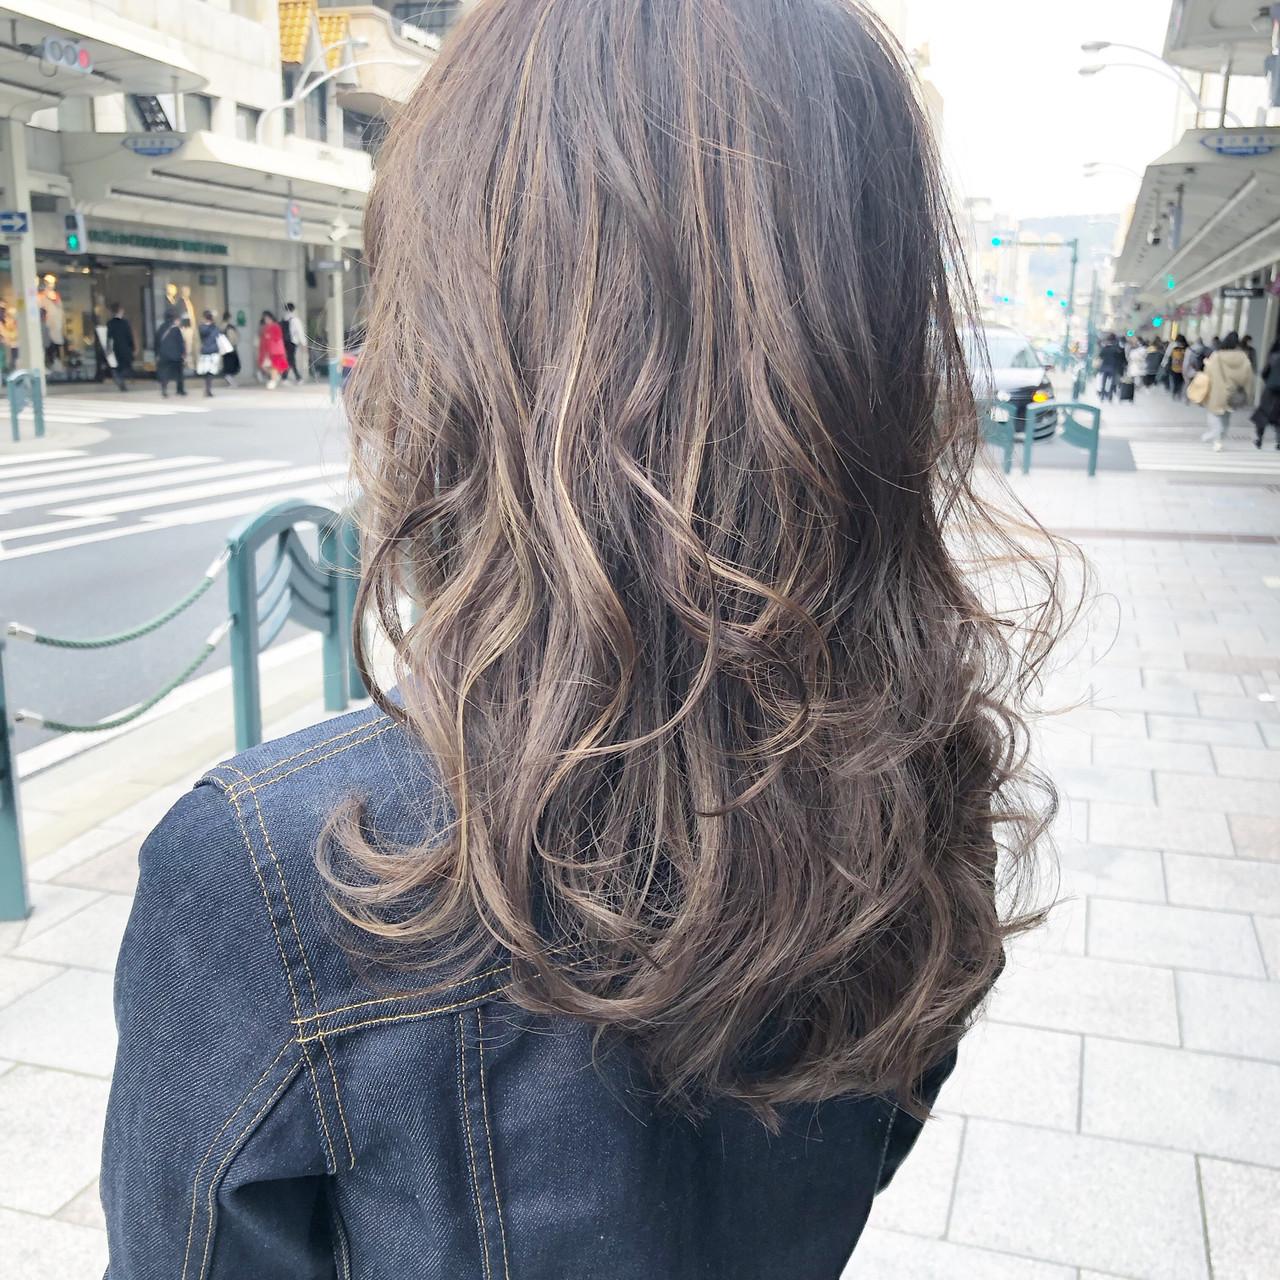 フェミニン アッシュブラウン ハイライト ナチュラルブラウンカラー ヘアスタイルや髪型の写真・画像